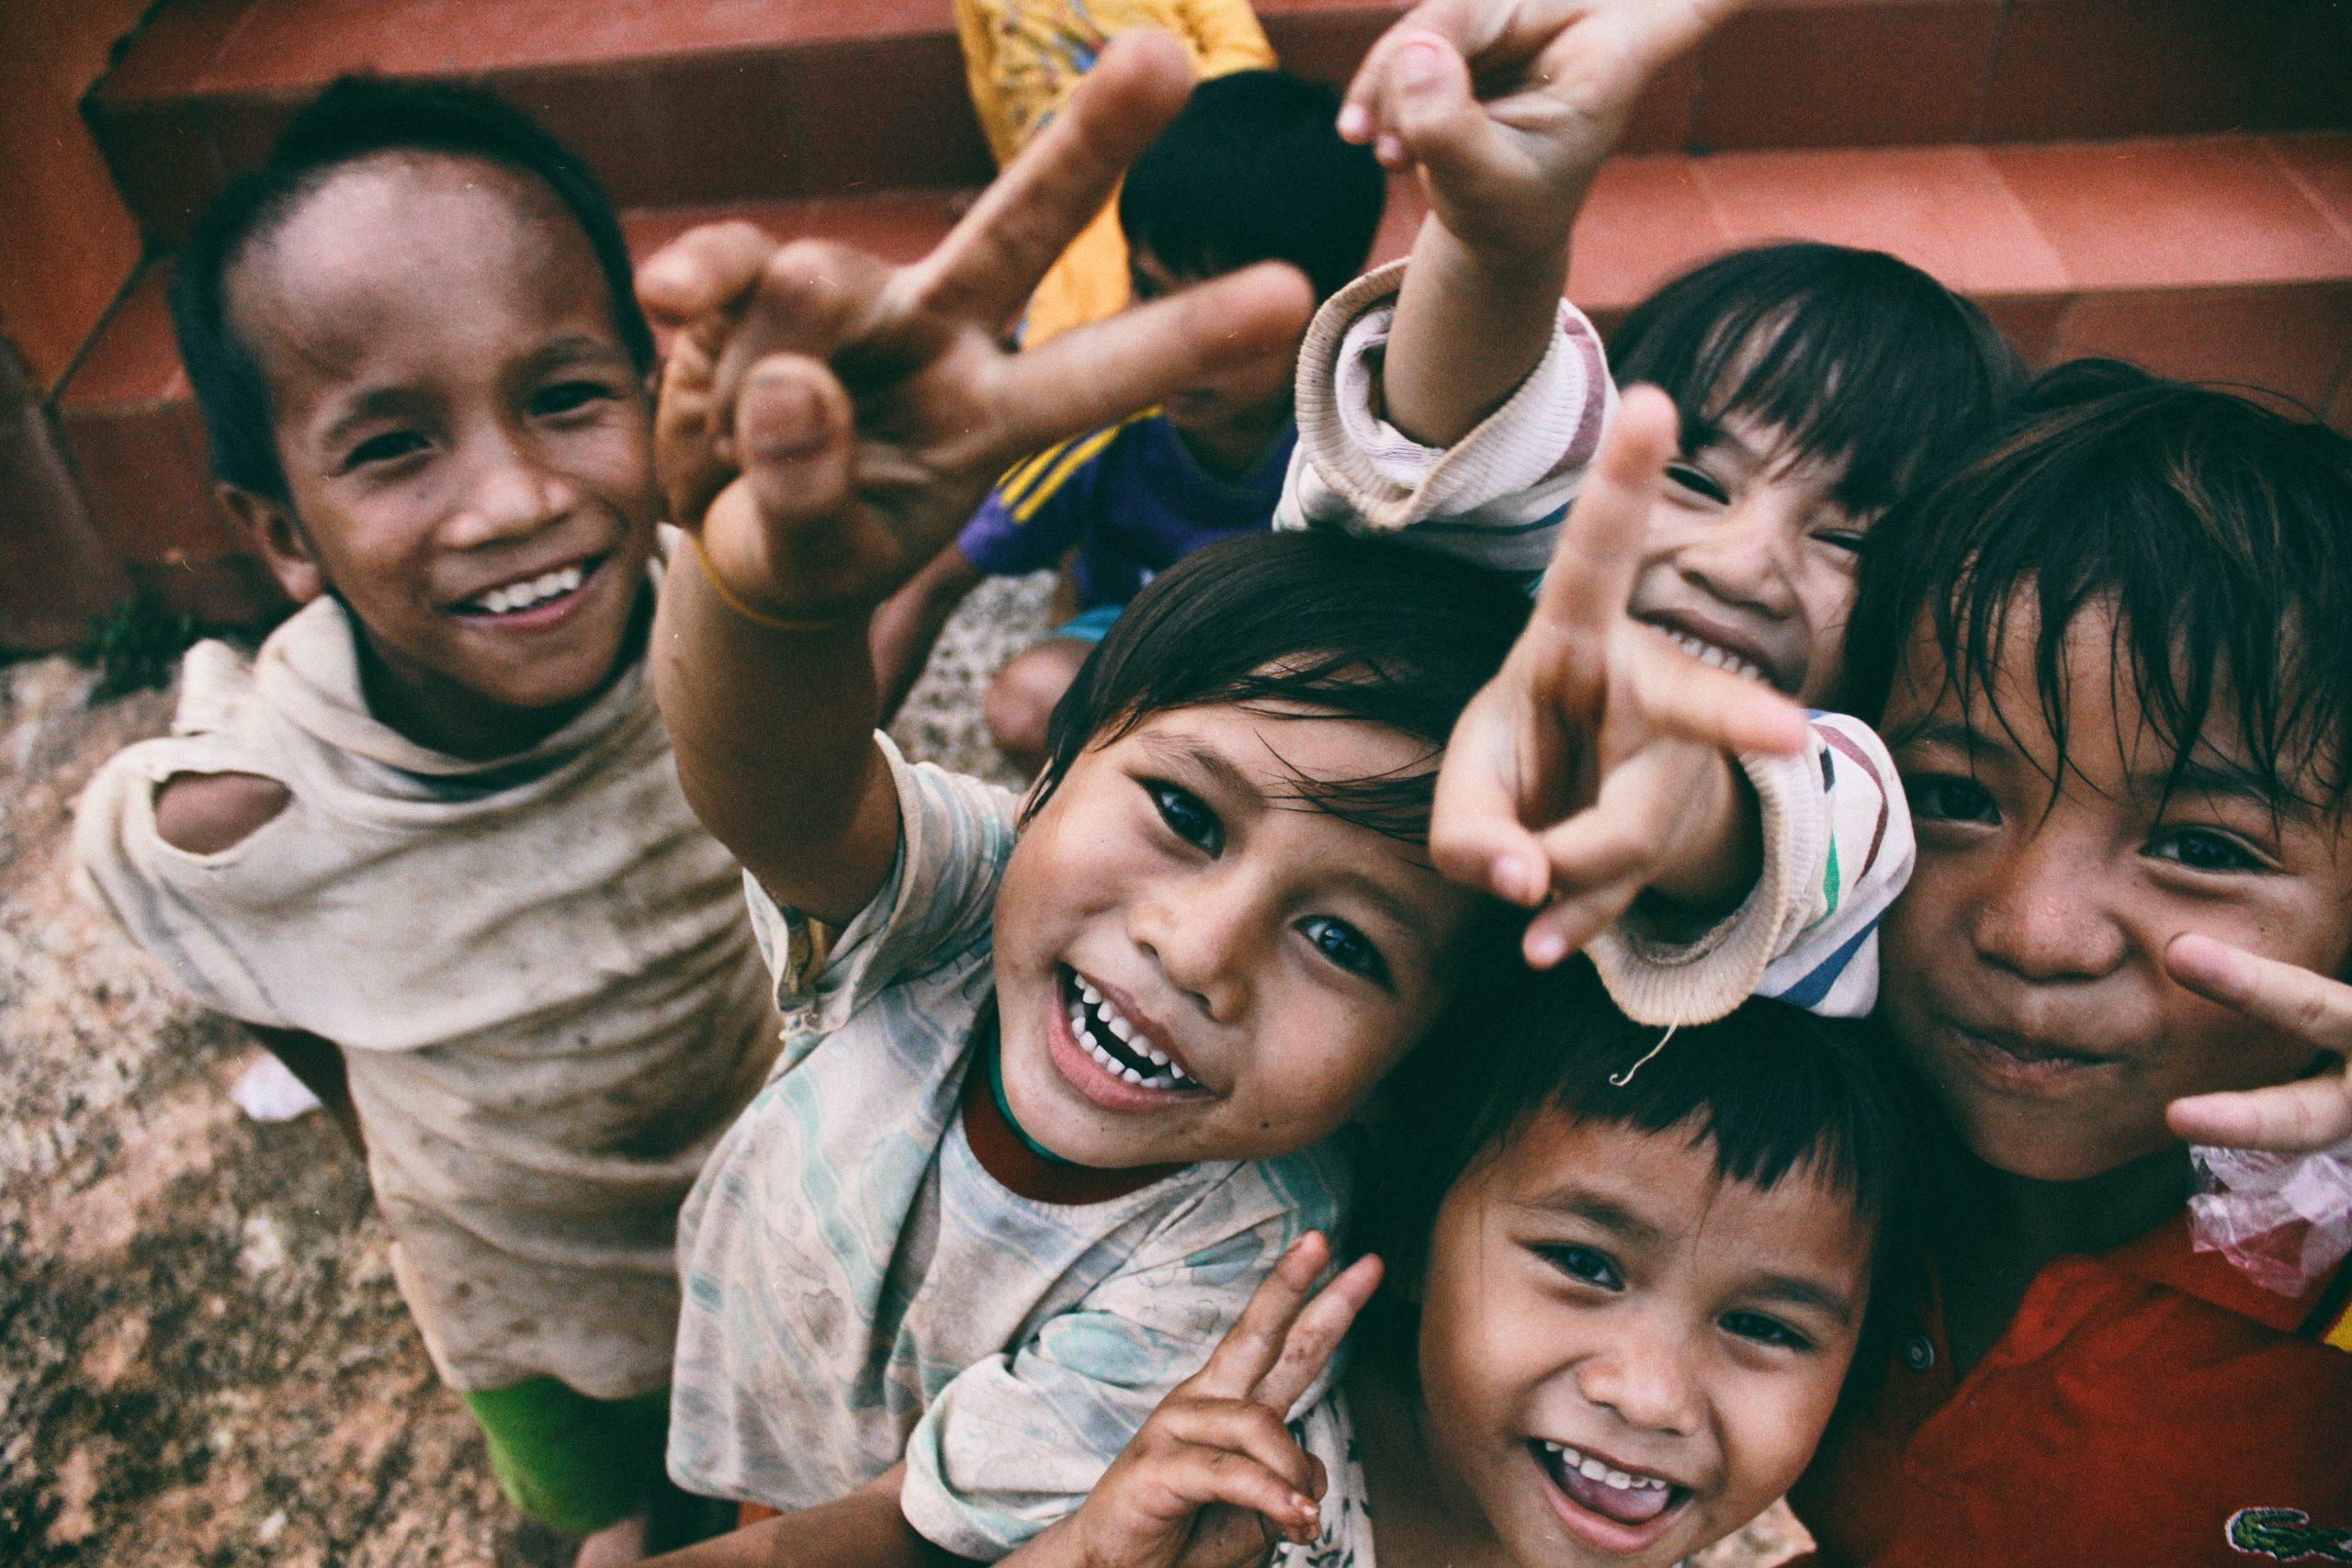 børn, red barnet (Foto: Unsplash)